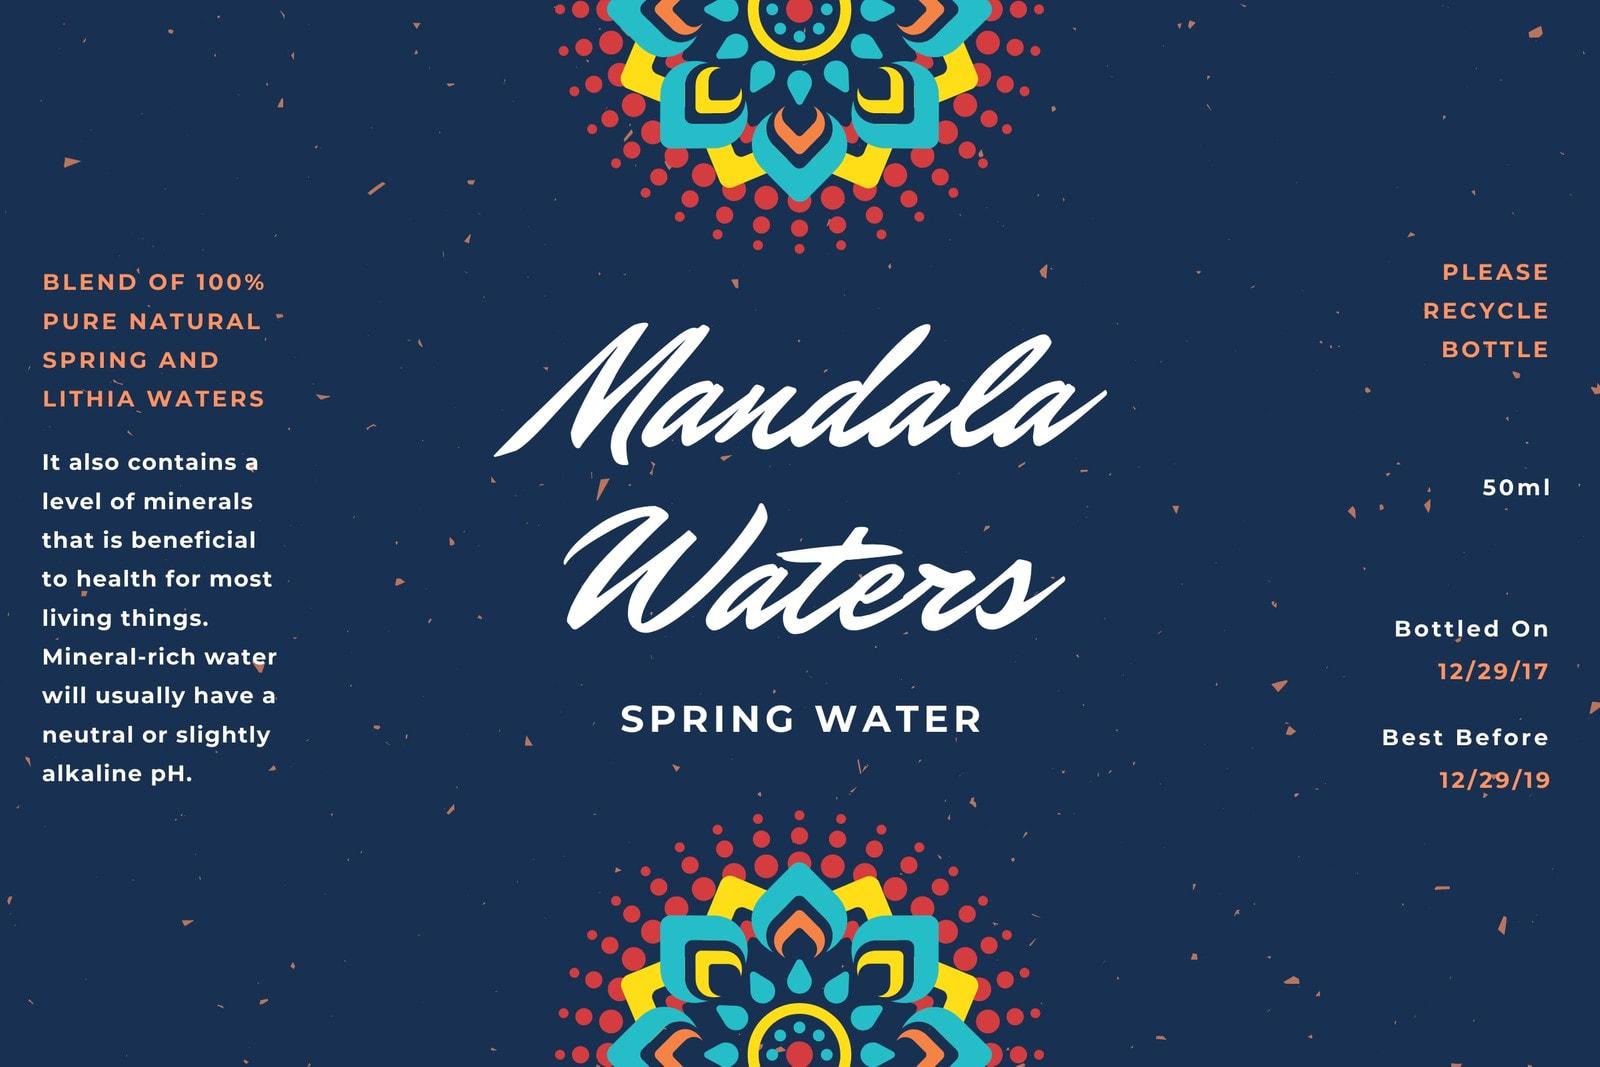 Navy Blue Mandala Water Bottle Label